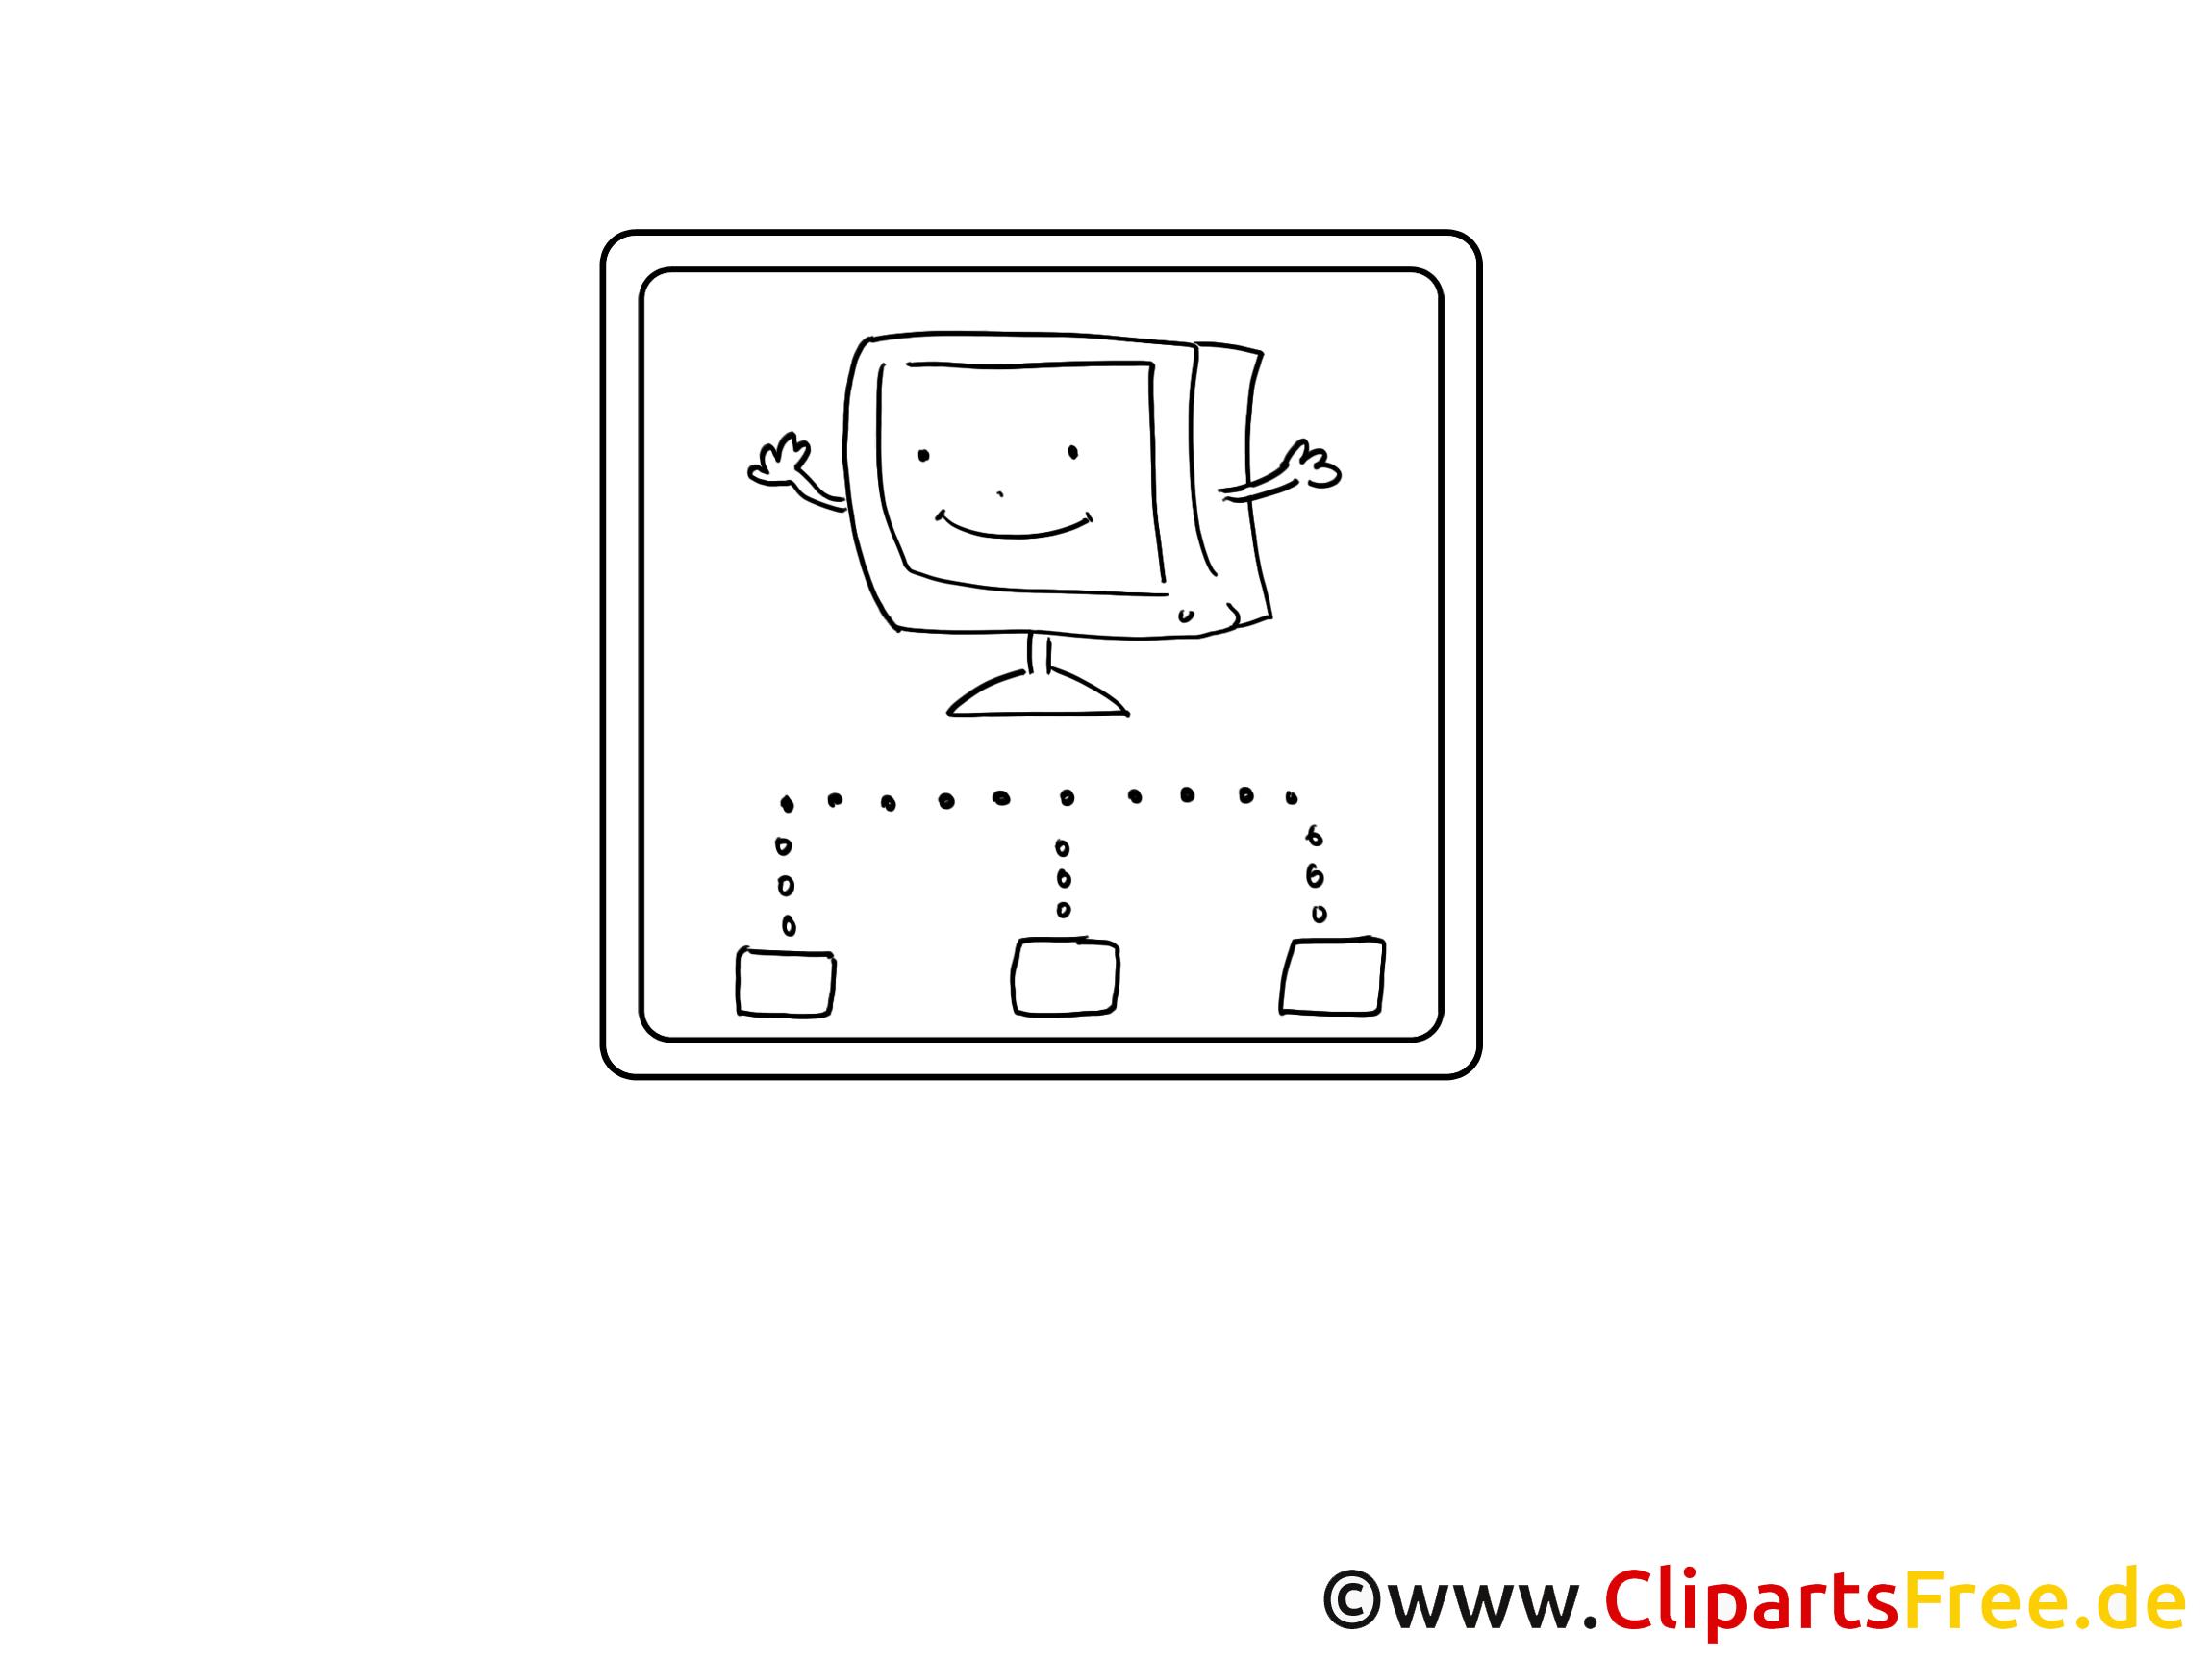 Coloriage Tv Robot Illustration A Telecharger Technologie Coloriages Dessin Picture Image Graphic Clip Art Telecharger Gratuit